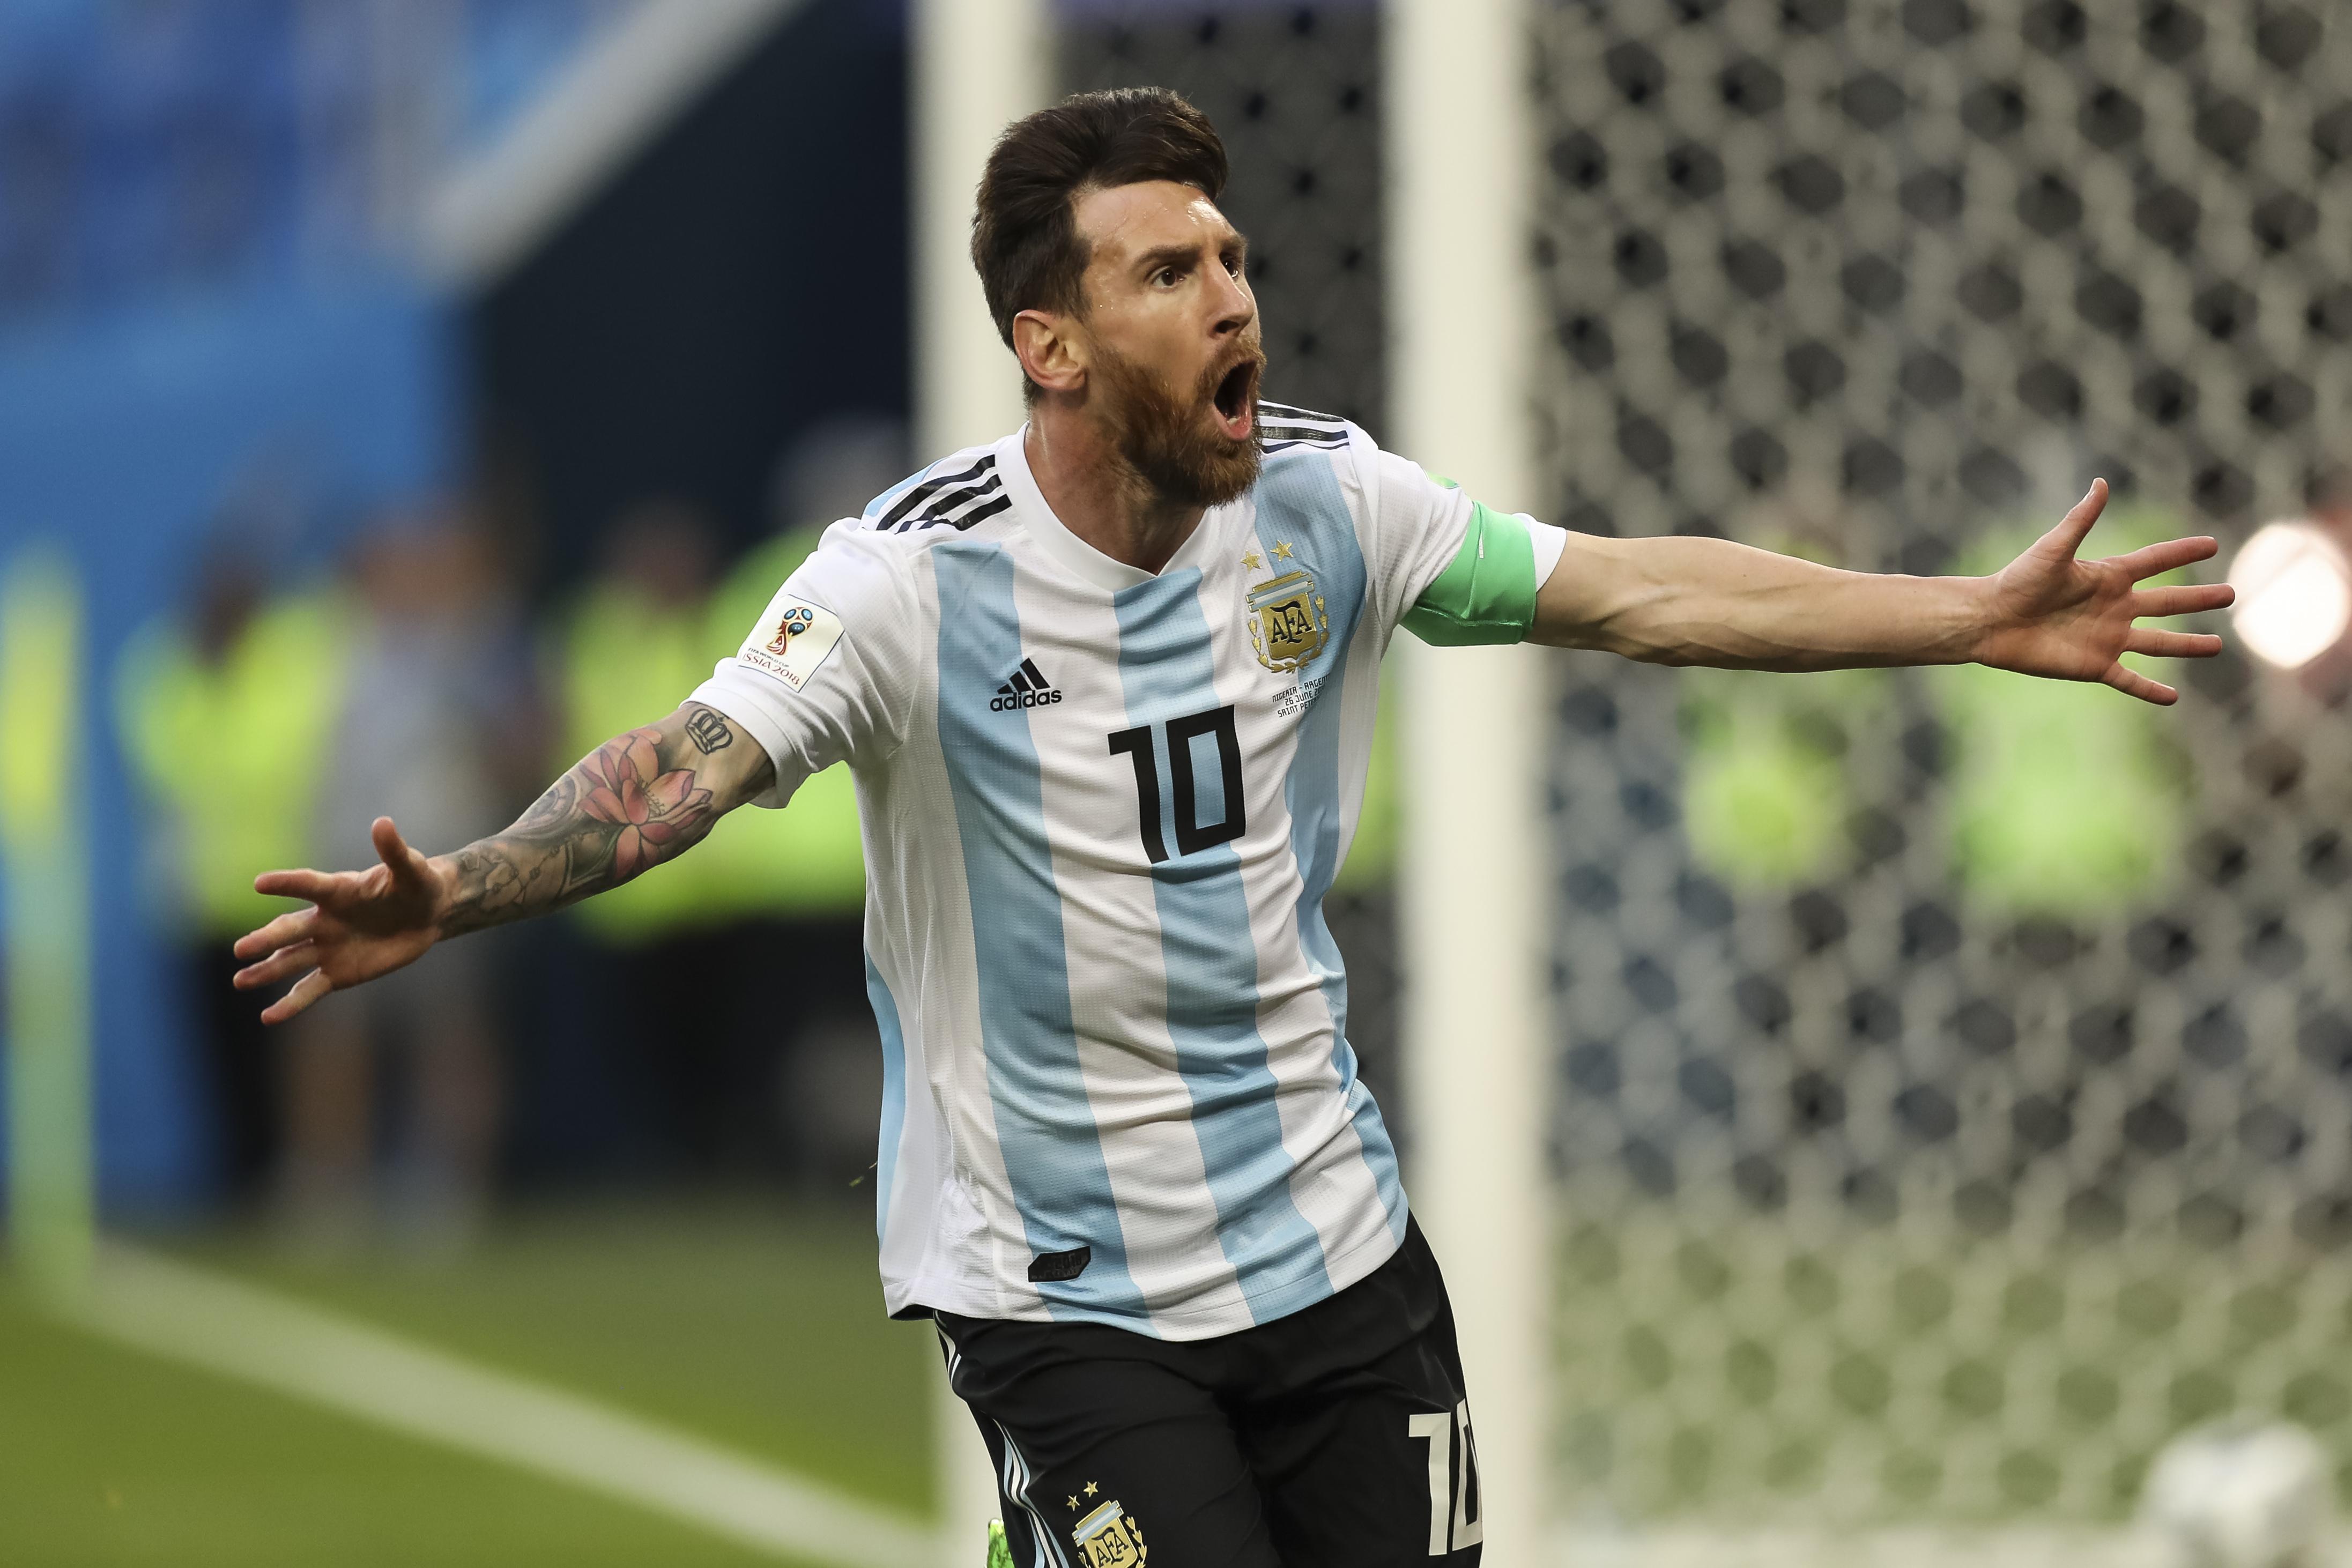 217a7c98aa789 Coupe du monde 2018 : Lionel Messi, la menace ultime - Russie 2018 - Coupe  du monde - Football